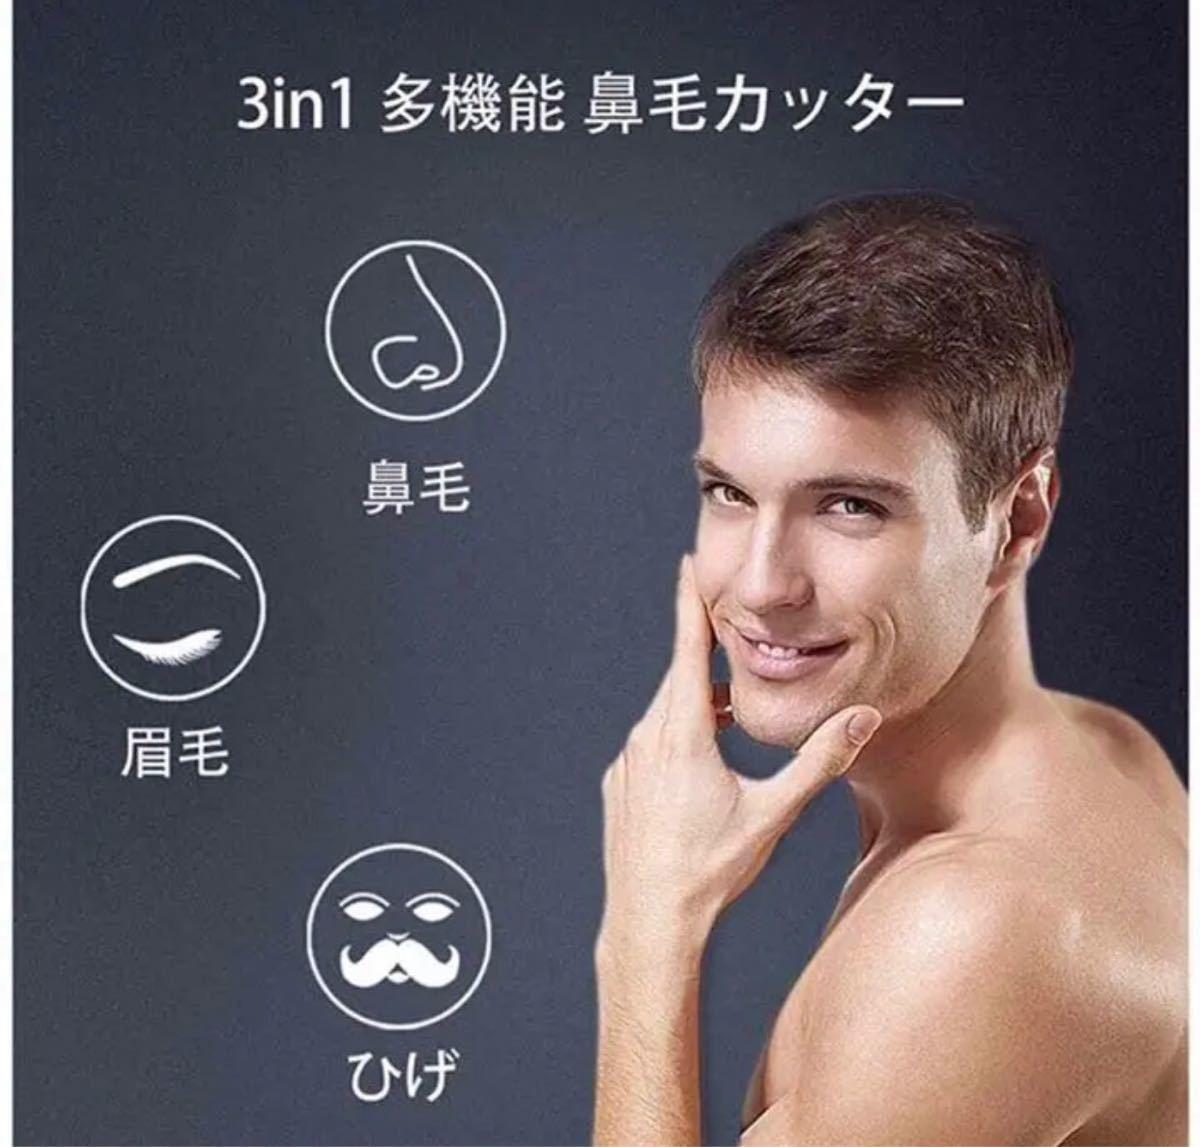 鼻毛カッター 眉毛シェーバー メンズ 多機能 USB充電式 エチケット 髭剃り